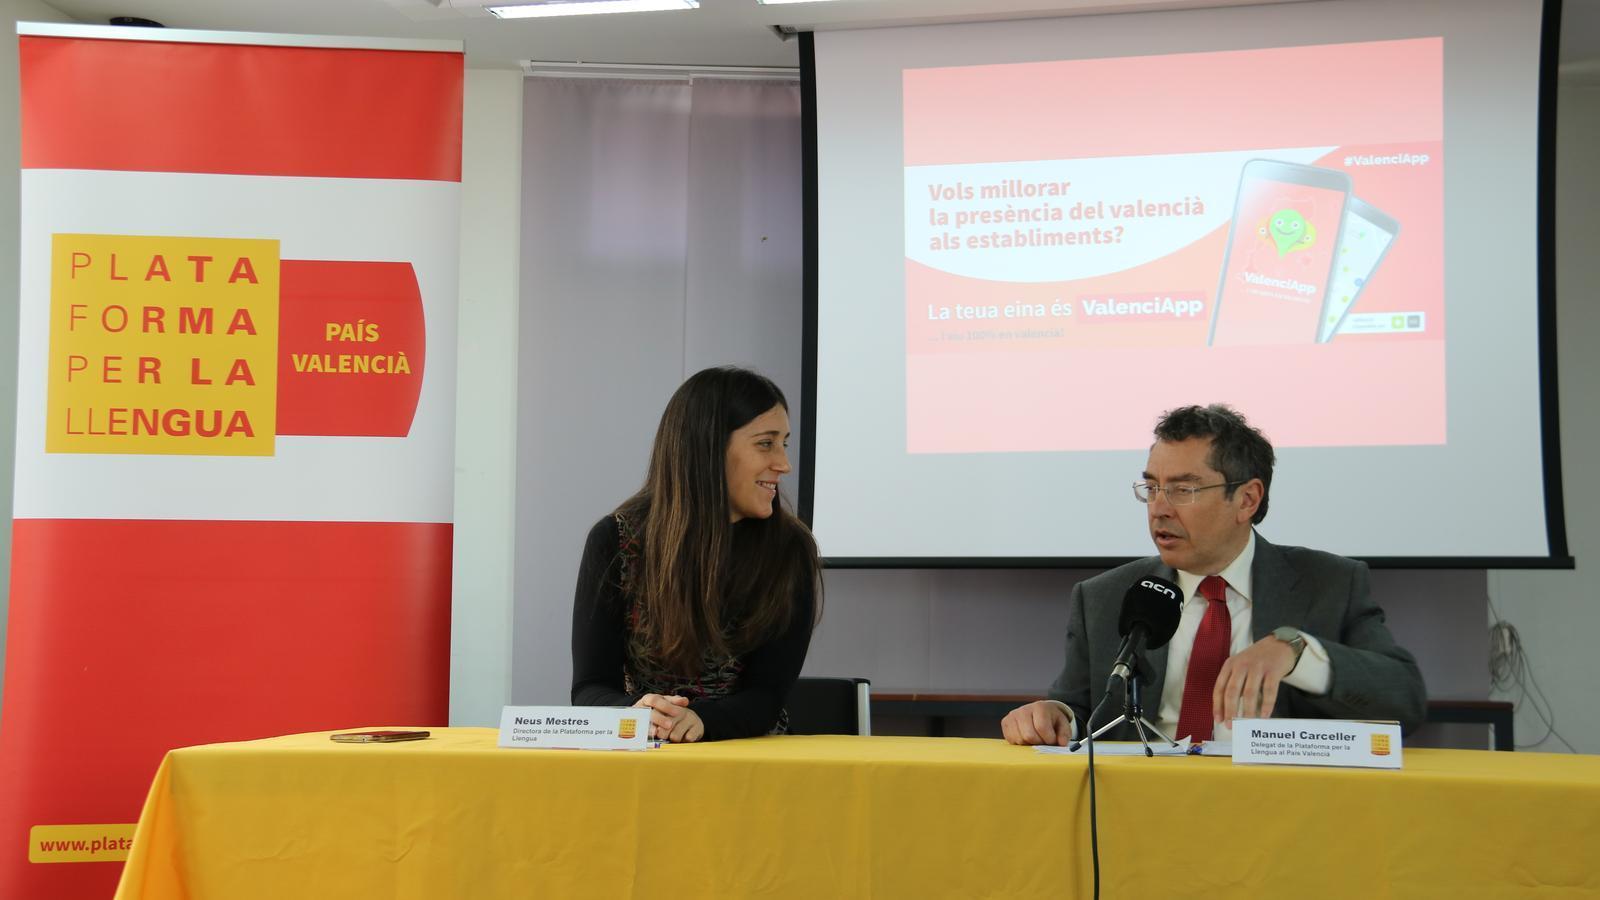 La directora de la Plataforma per la Llengua Neus Mestres i el delegat valencià Manel Carceller durant la presentació de l'aplicació ValenciApp.